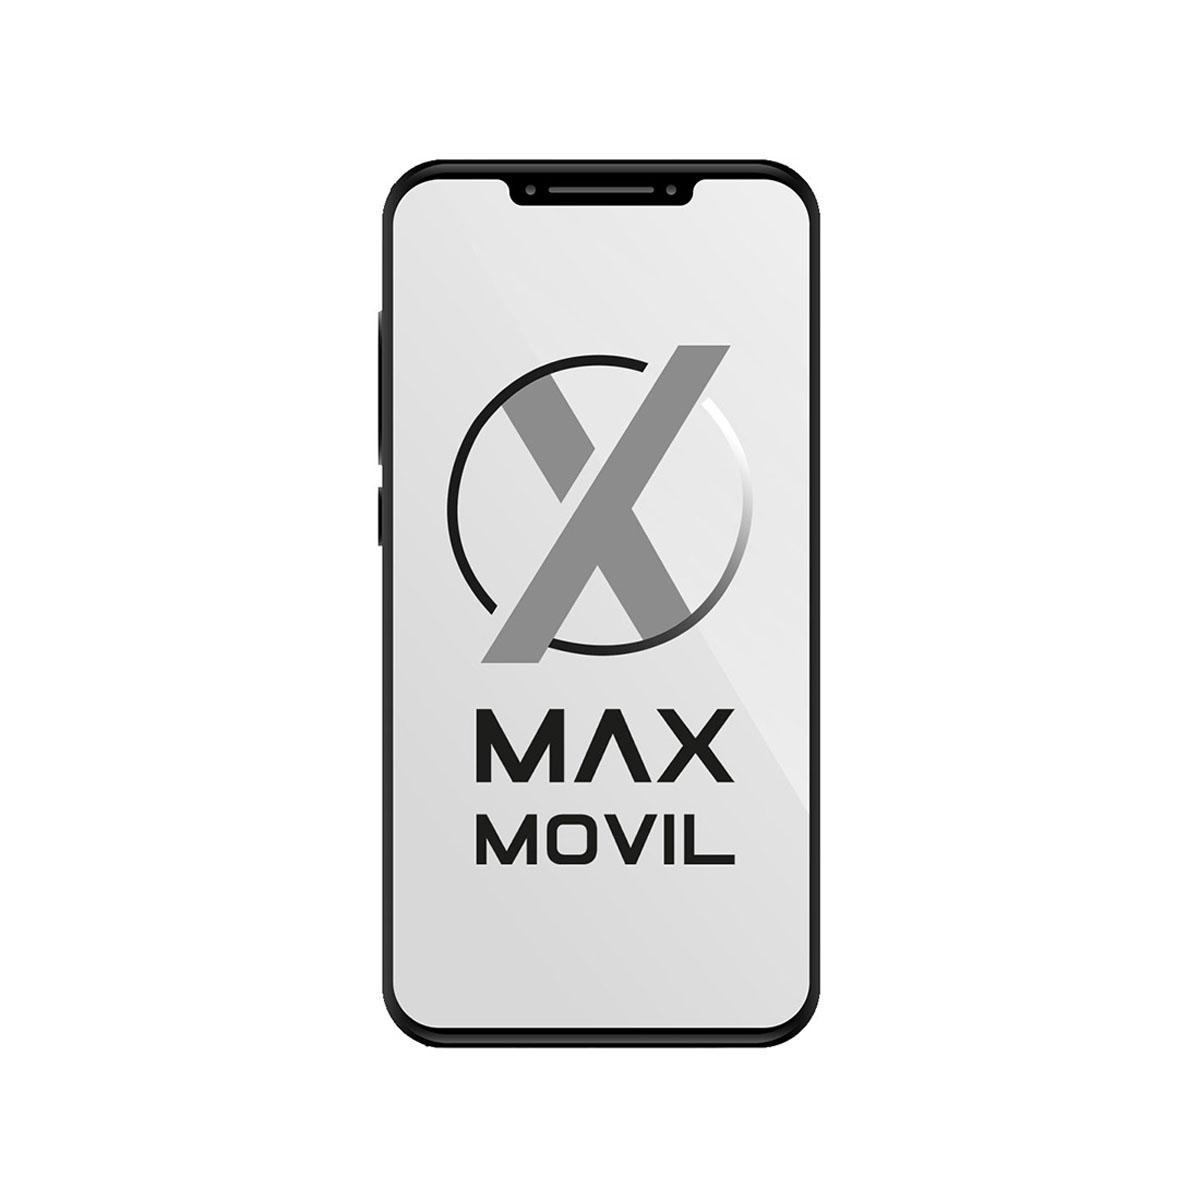 Telefono movil Iphone 6S Plus 64Gb  silver CPO ECORECICLADO GRADO A + funda estanca Vofeel de regalo